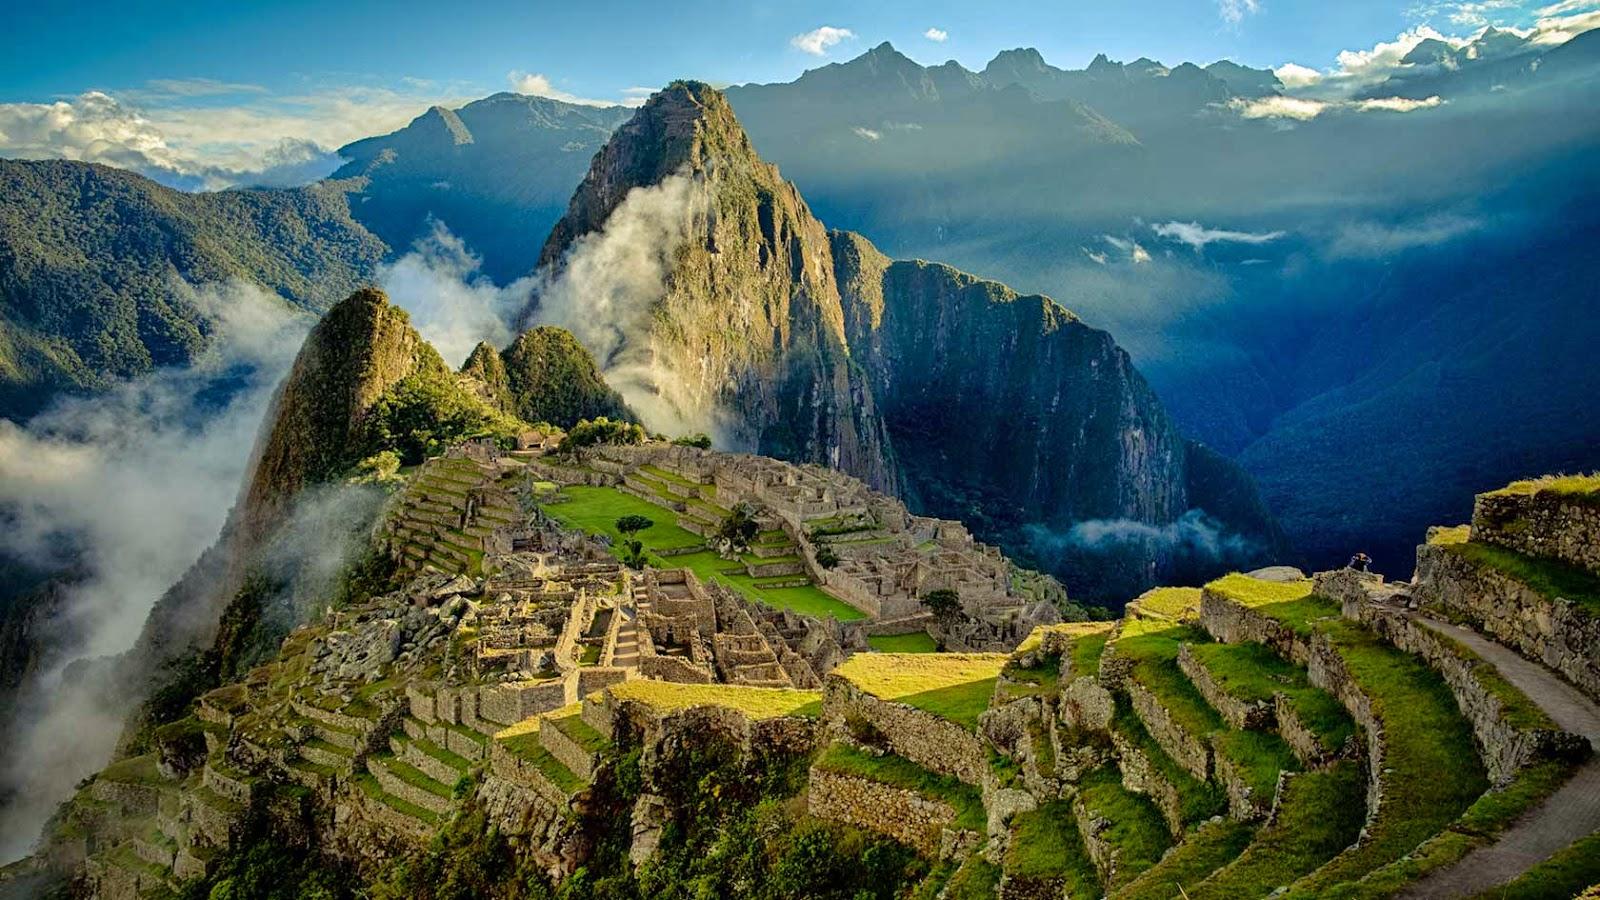 http://www.letstravelsomewhere.com/travel/america/peru/